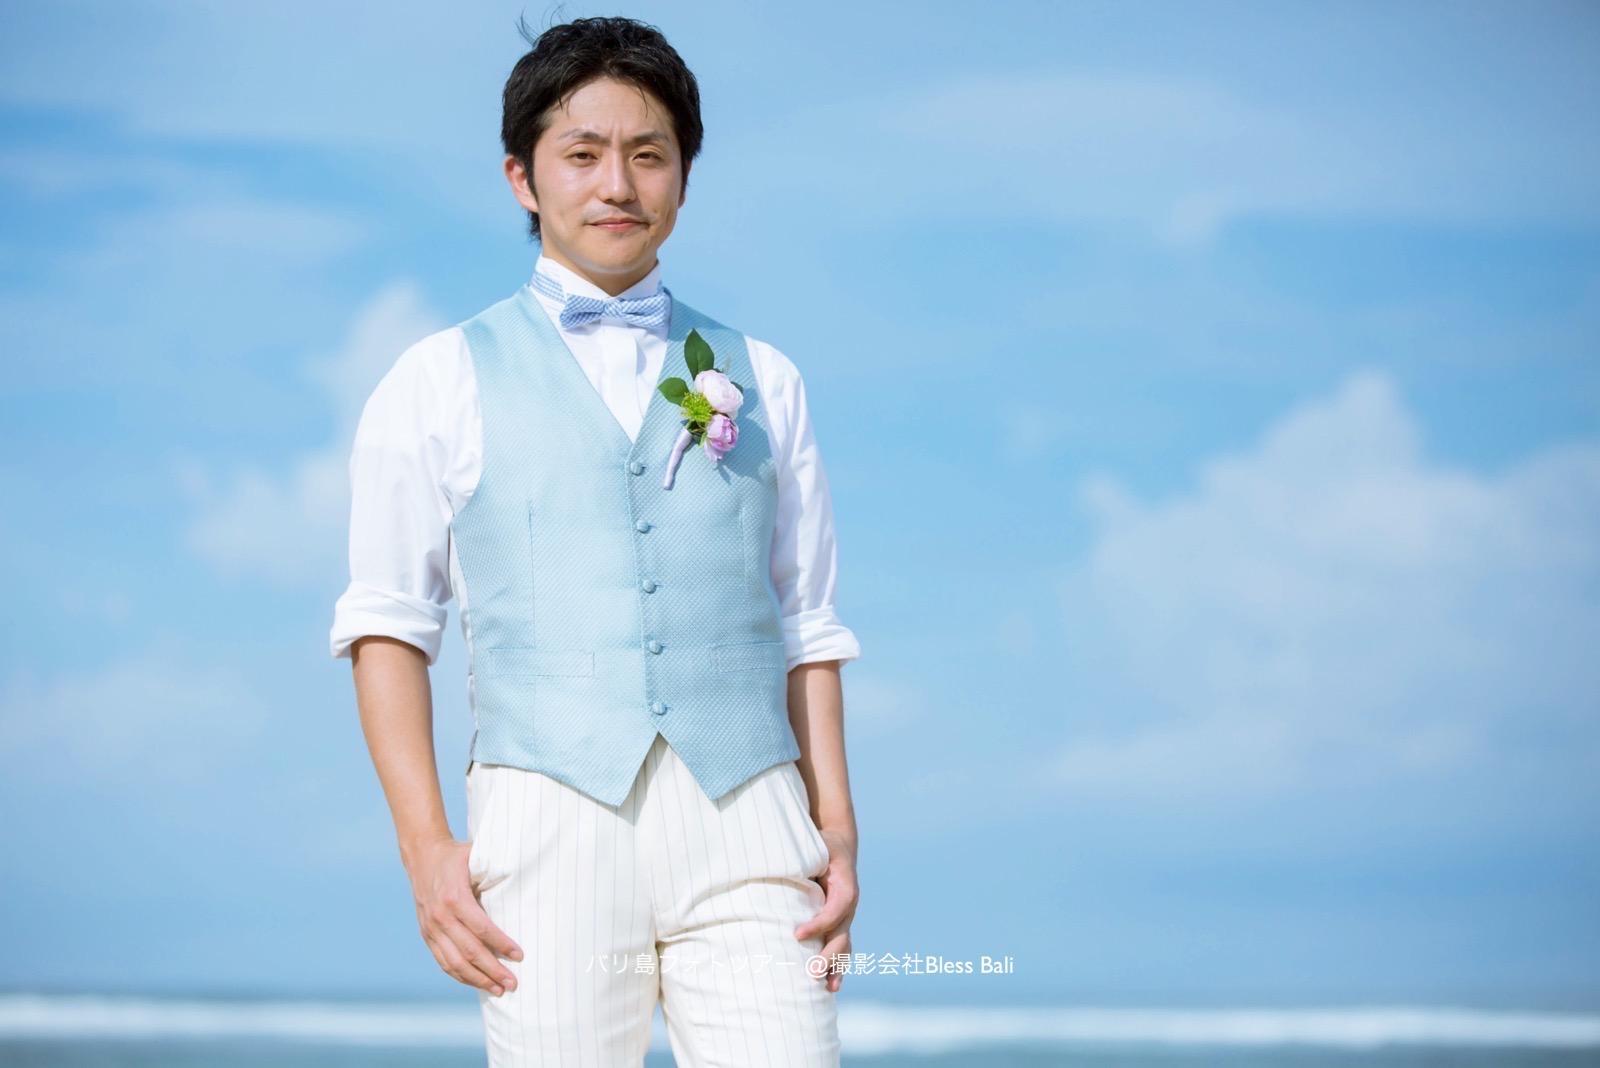 水色のベストに白スタイルが爽やかな新郎様のソロショット